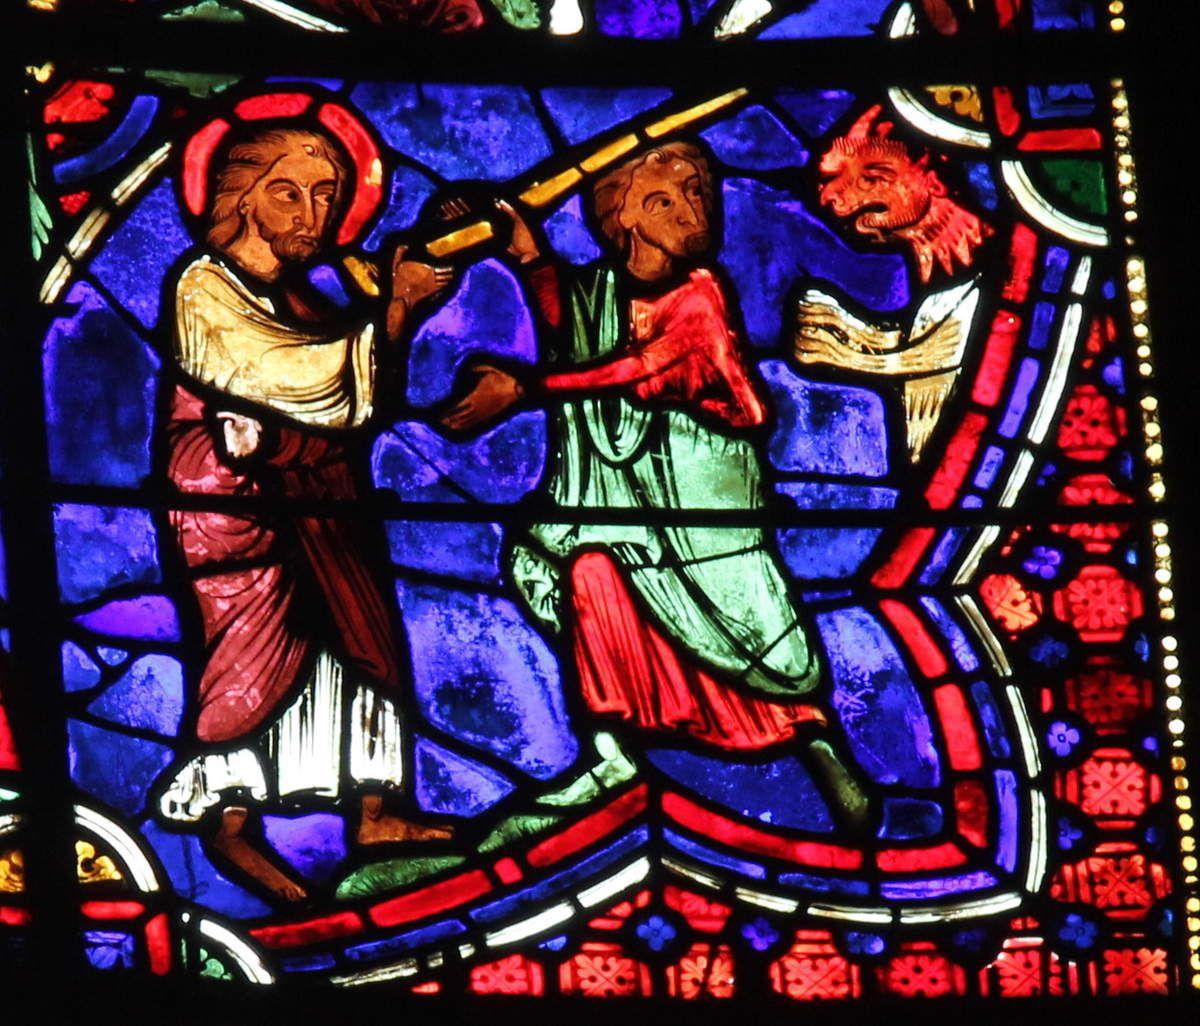 14.La remise du bâton  à Hermogène par saint Jacques (vers 1210-1215), verrière de la Vie de saint Jacques de la cathédrale de Bourges. Photographie lavieb-aile 2016.